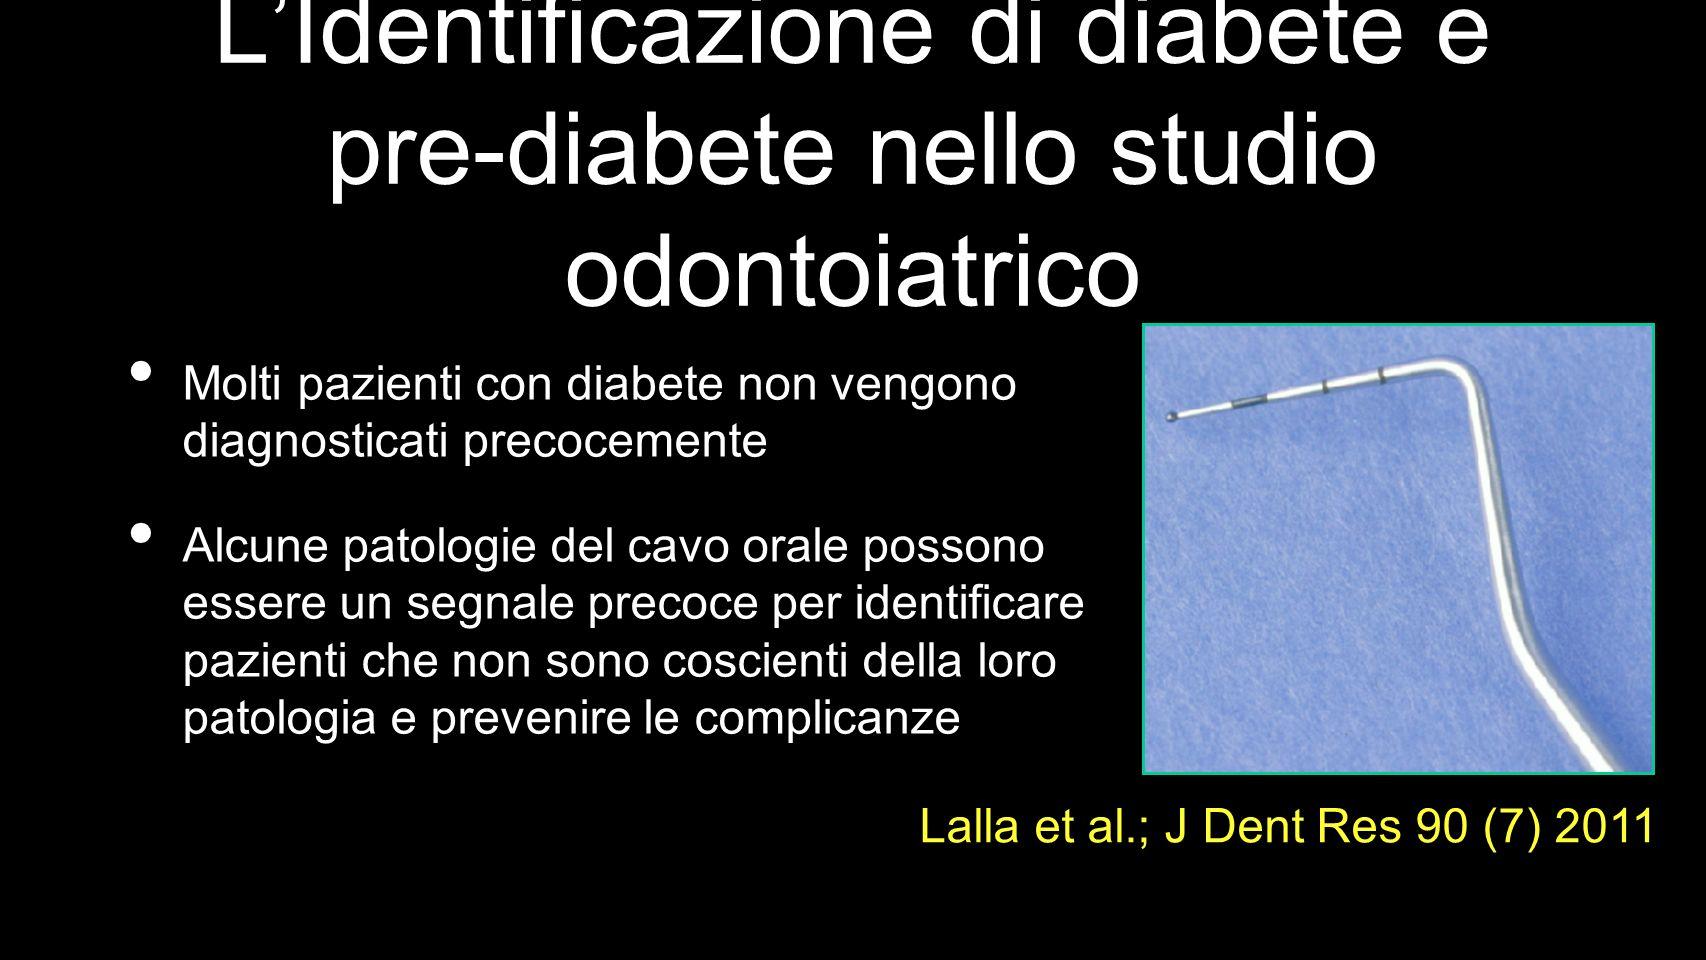 LIdentificazione di diabete e pre-diabete nello studio odontoiatrico Molti pazienti con diabete non vengono diagnosticati precocemente Alcune patologie del cavo orale possono essere un segnale precoce per identificare pazienti che non sono coscienti della loro patologia e prevenire le complicanze Lalla et al.; J Dent Res 90 (7) 2011